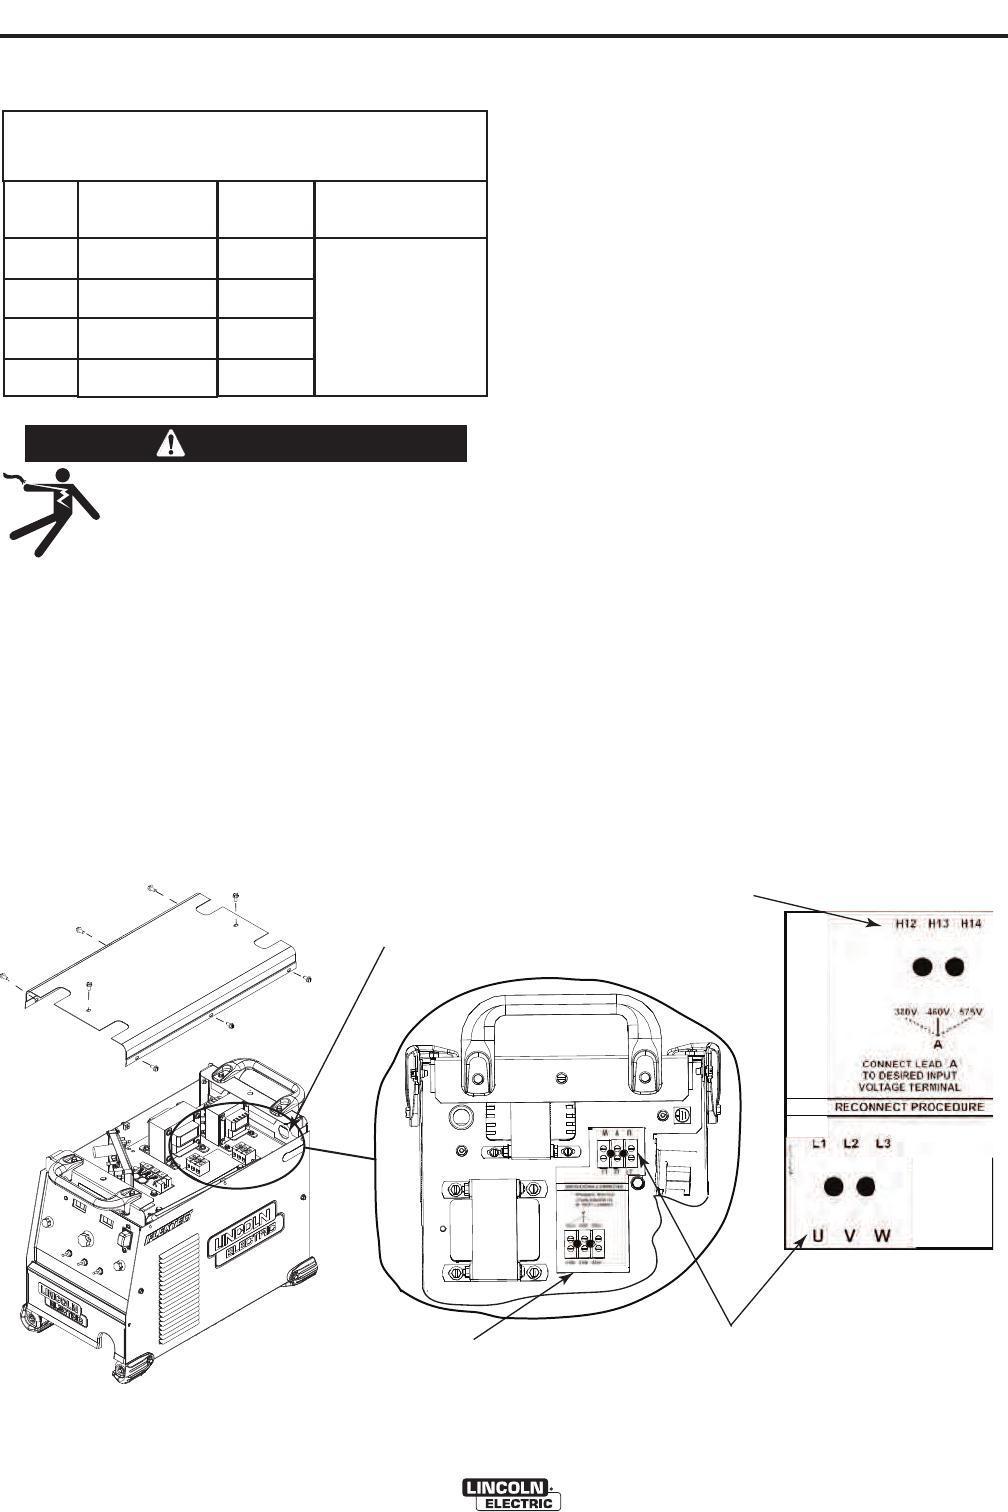 Lincoln Electric Flextec 450 Operators Manual Download